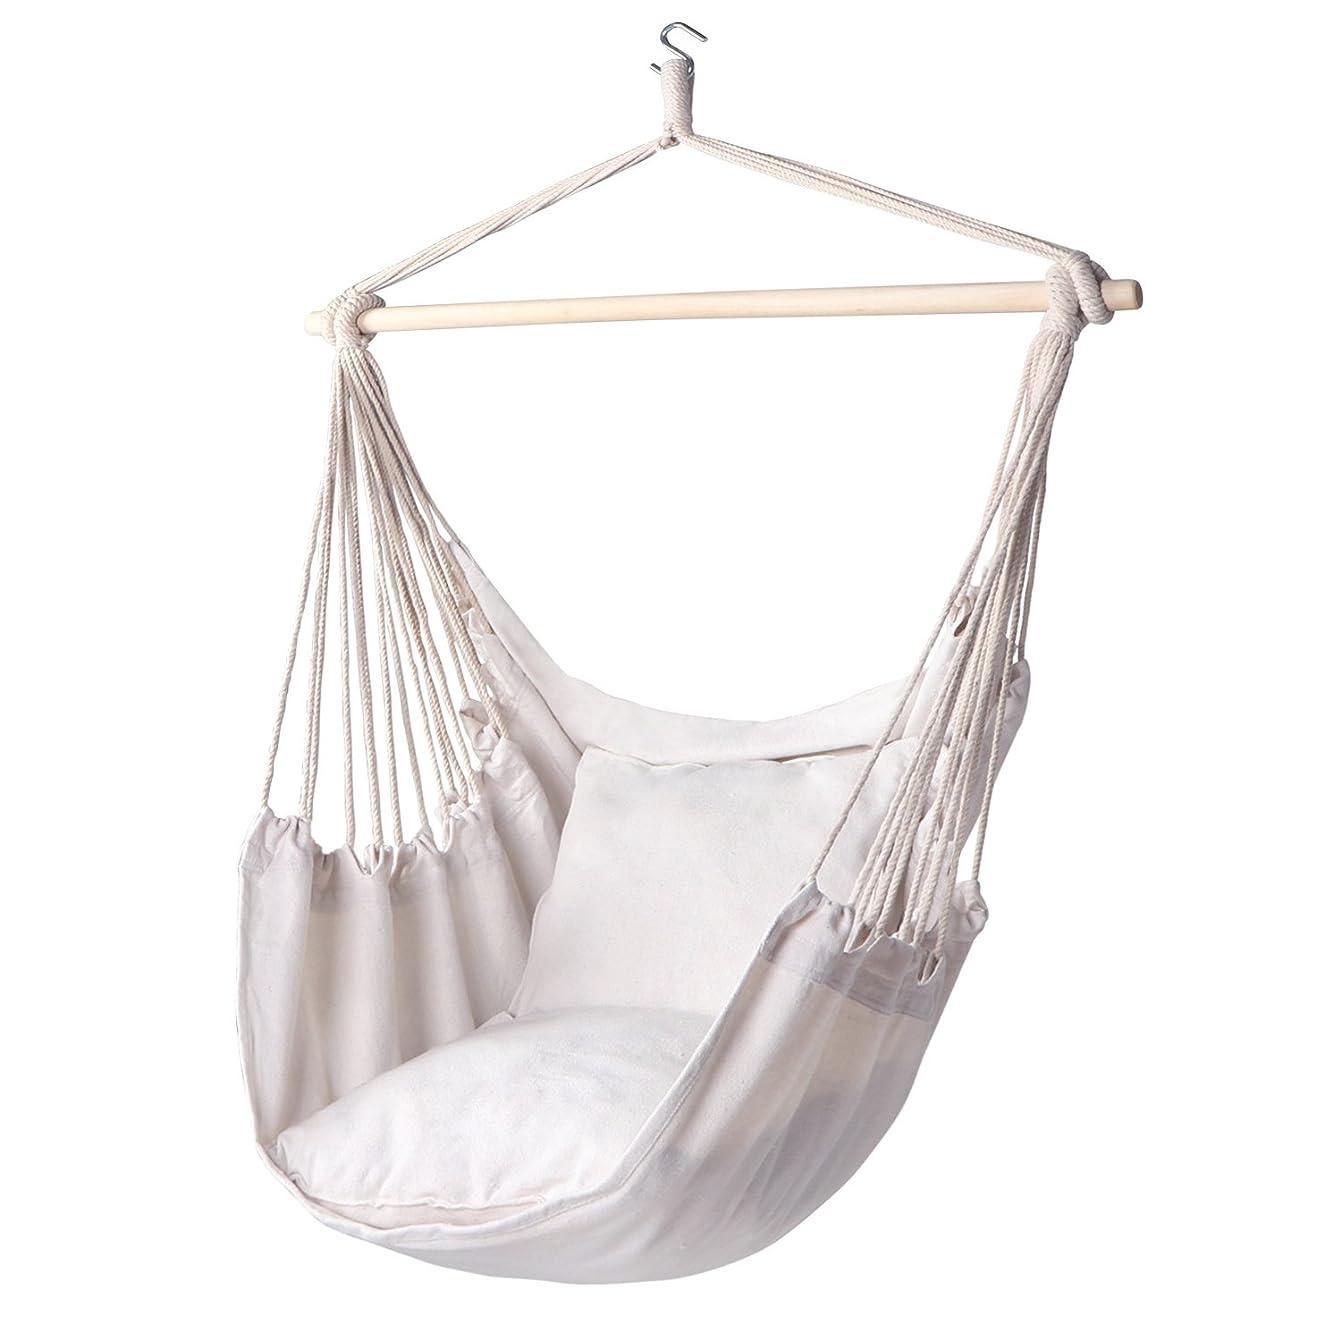 気質議論する例ハンモックチェア吊りロープスイング - 最大320ポンド - 2つのシートクッションが含まれる - 優れた快適性と耐久性 綿織り(ベージュ) 141[並行輸入]